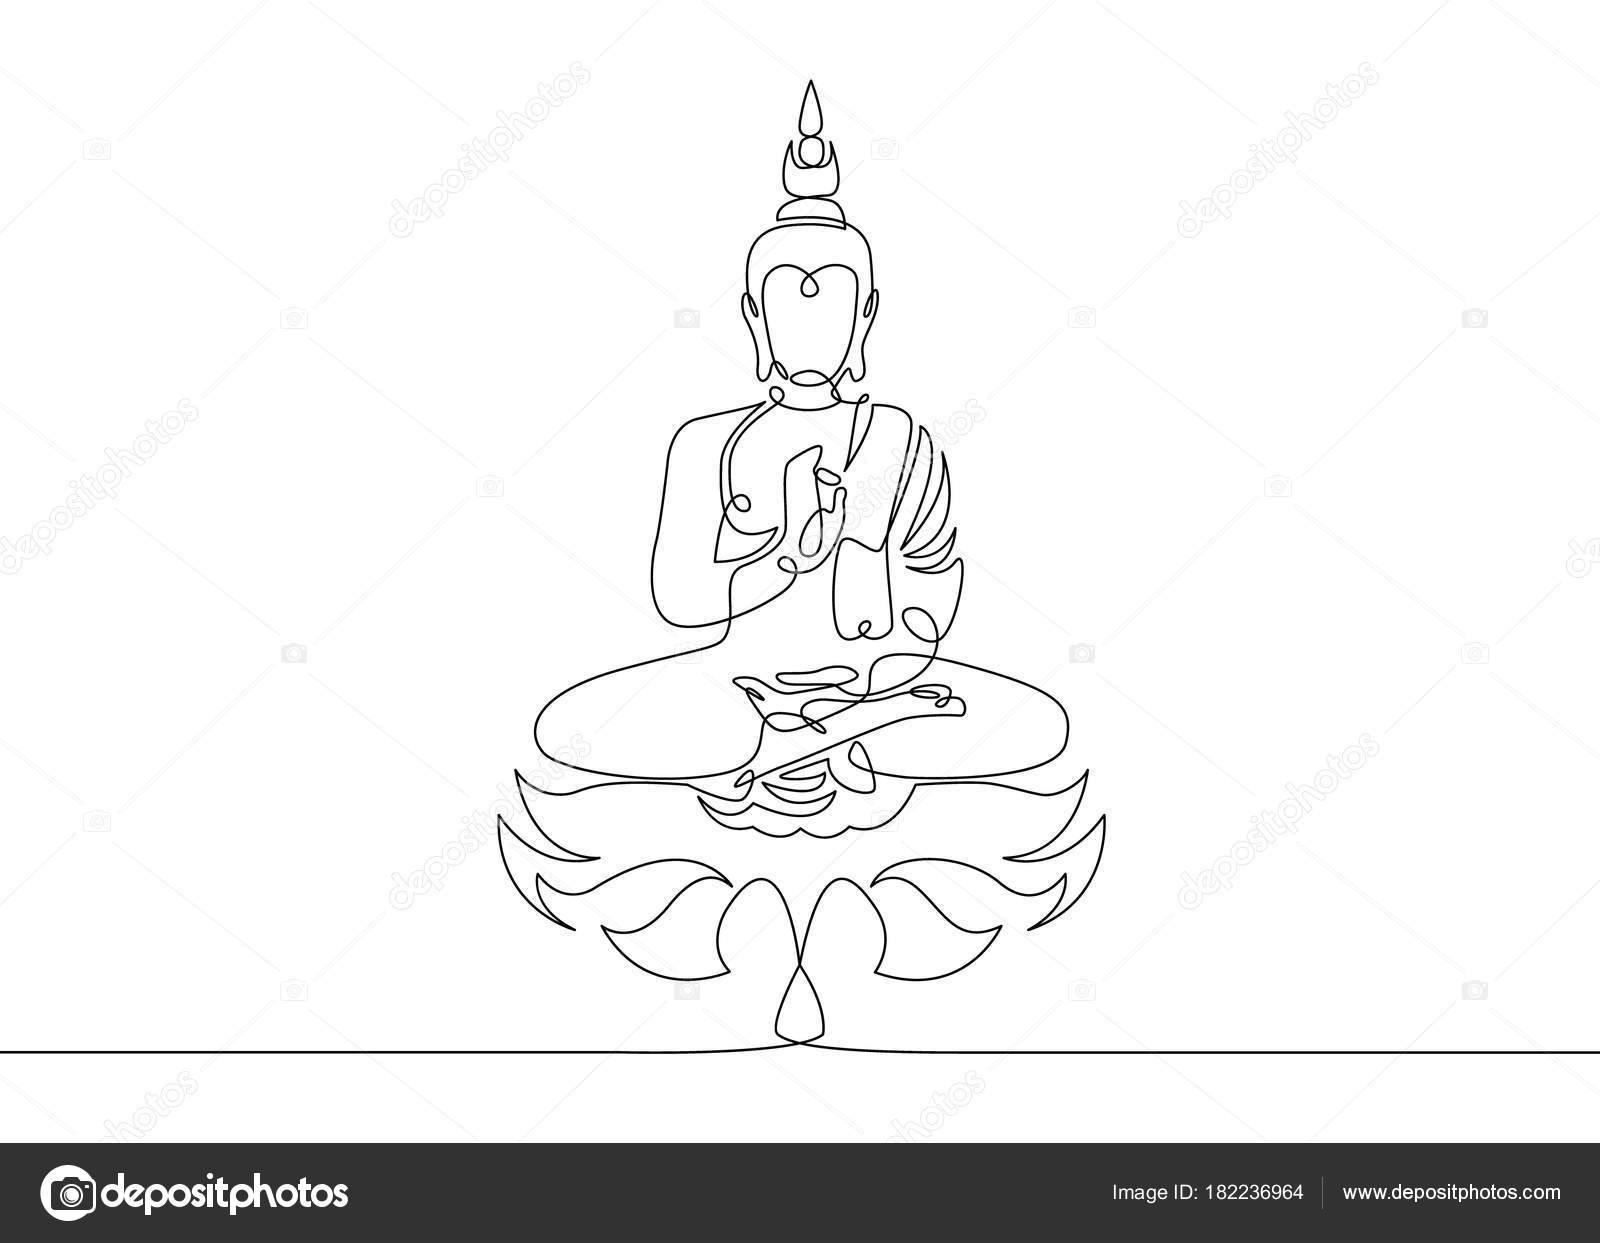 eine durchgehende linie gezeichnet buddha stockvektor derplan13 182236964. Black Bedroom Furniture Sets. Home Design Ideas